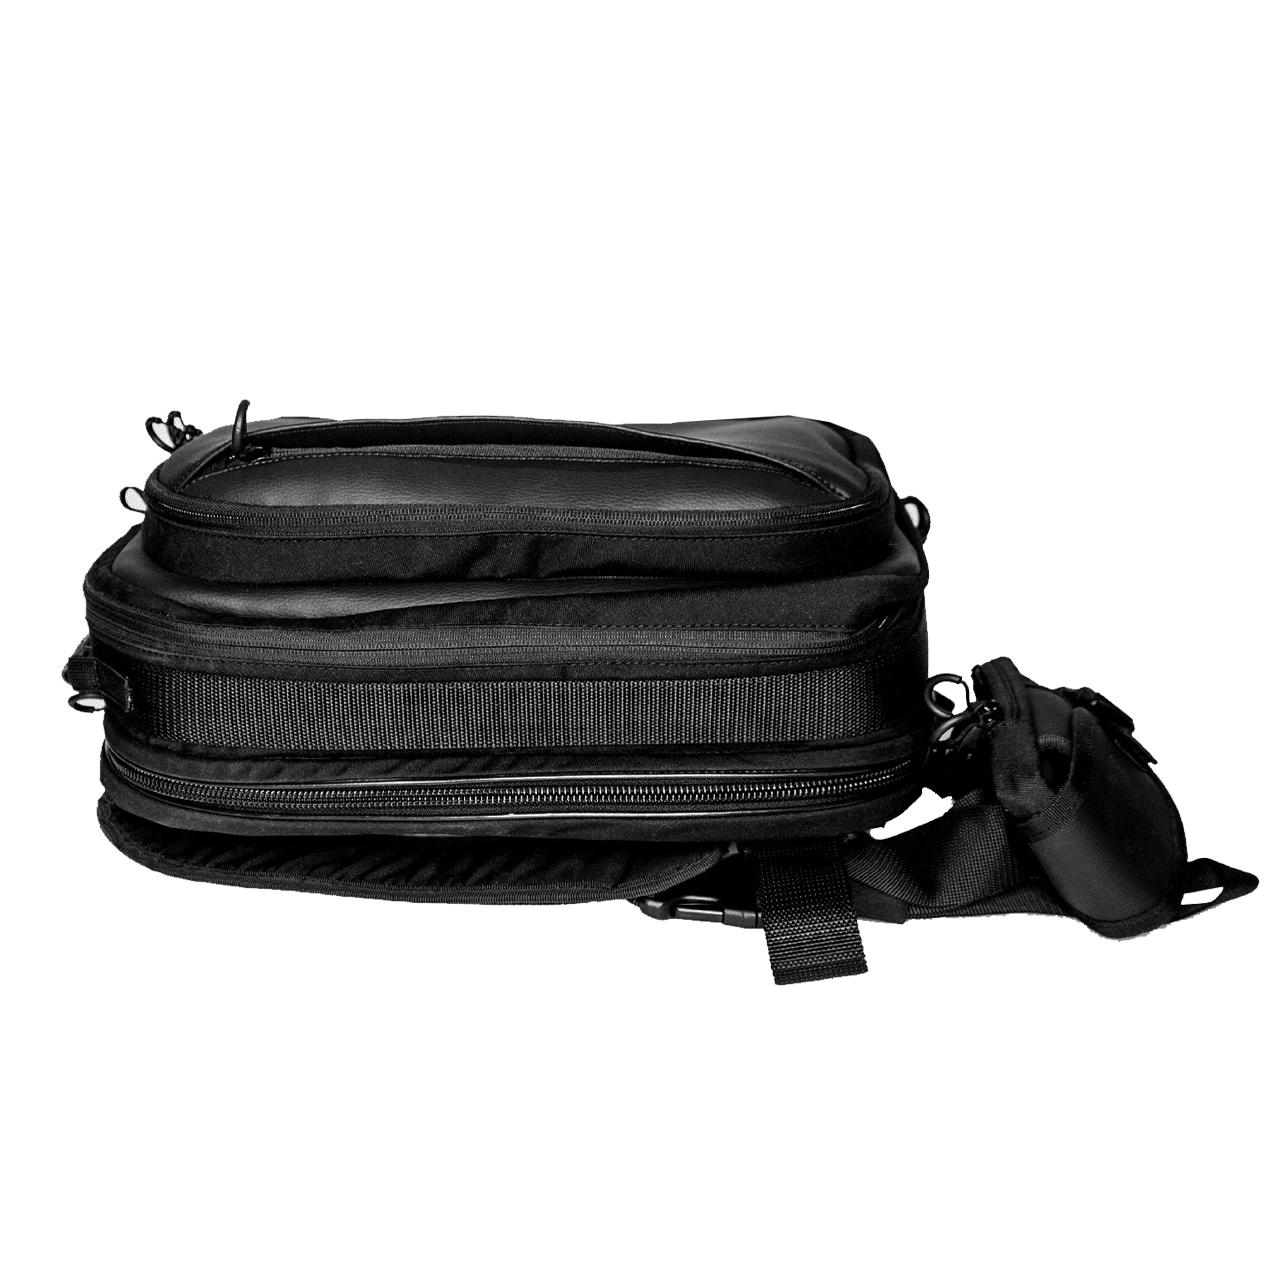 Универсальный рюкзак для города 9Tactical Fusion Backpack XL